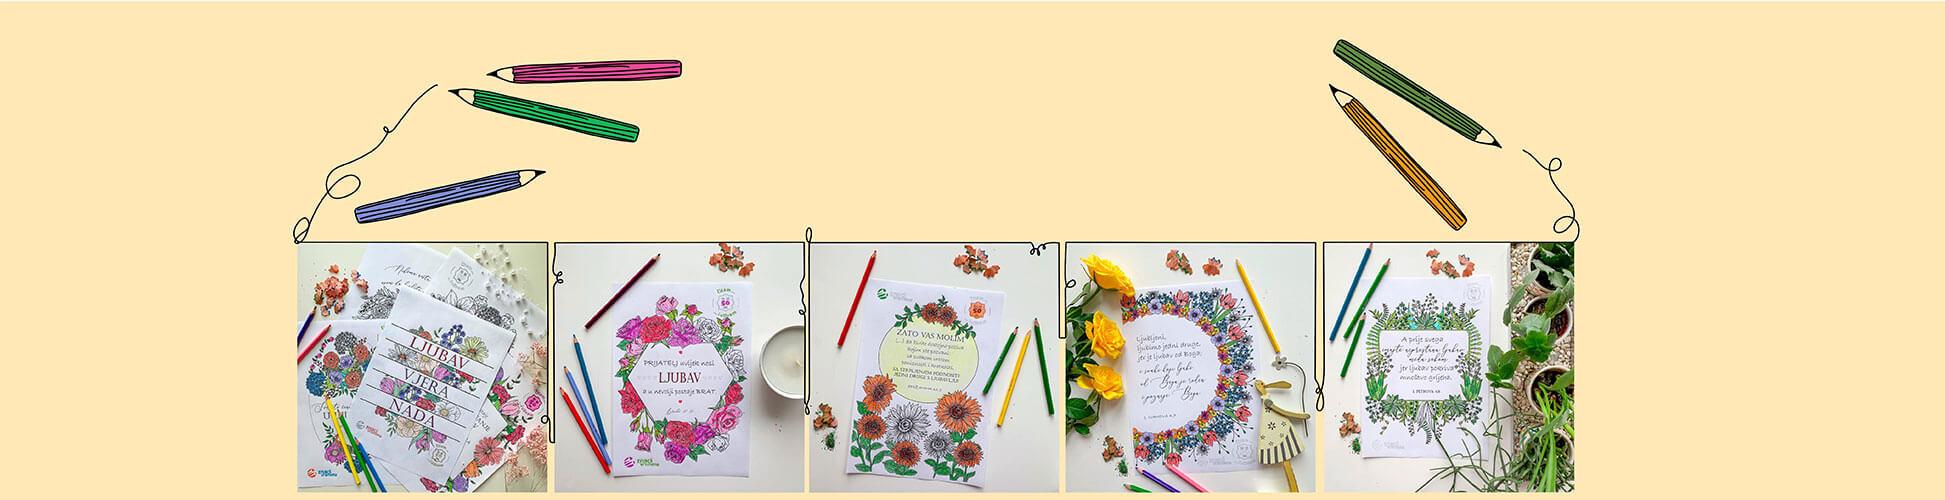 Bojite ilustracije s prekrasnim stihovima